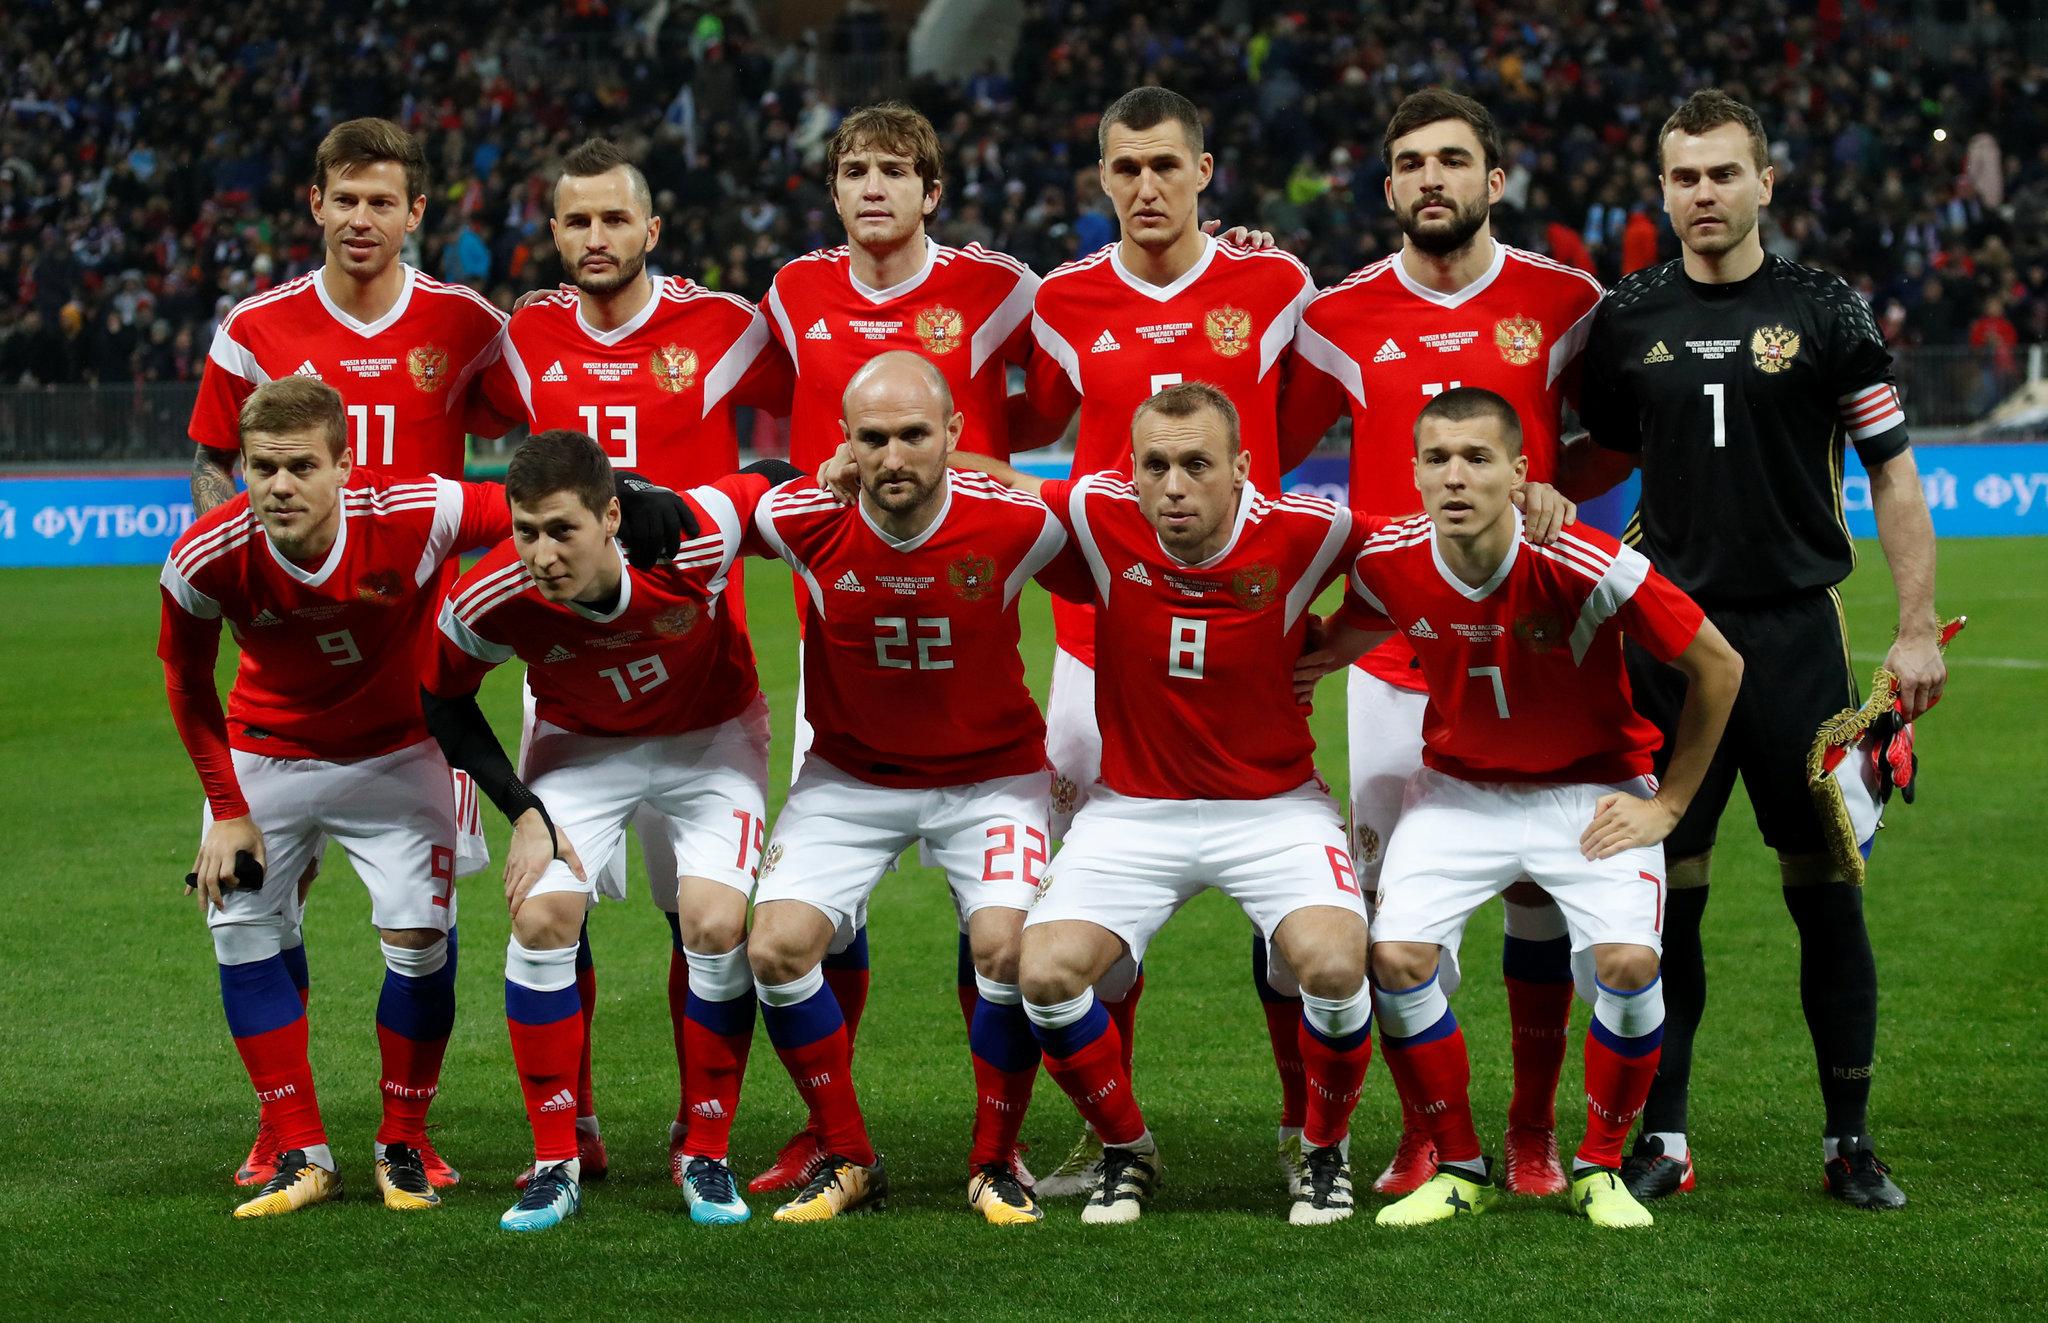 Once inicial de Rusia en el amistoso de este sábado, compuesto por...